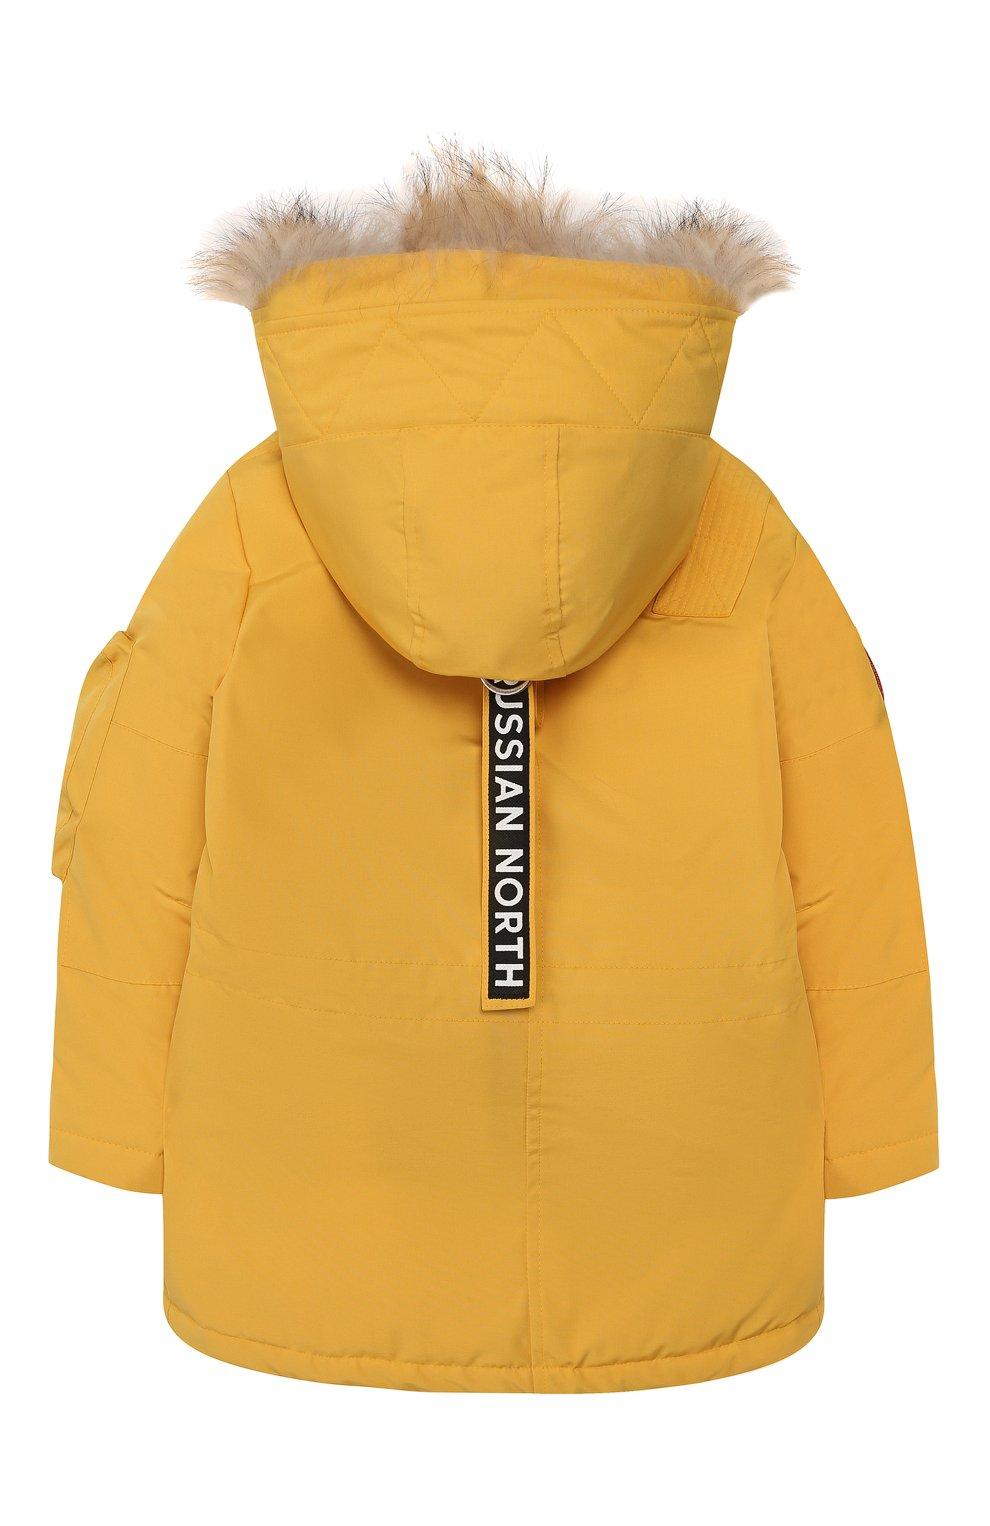 Пуховая куртка Umka | Фото №2